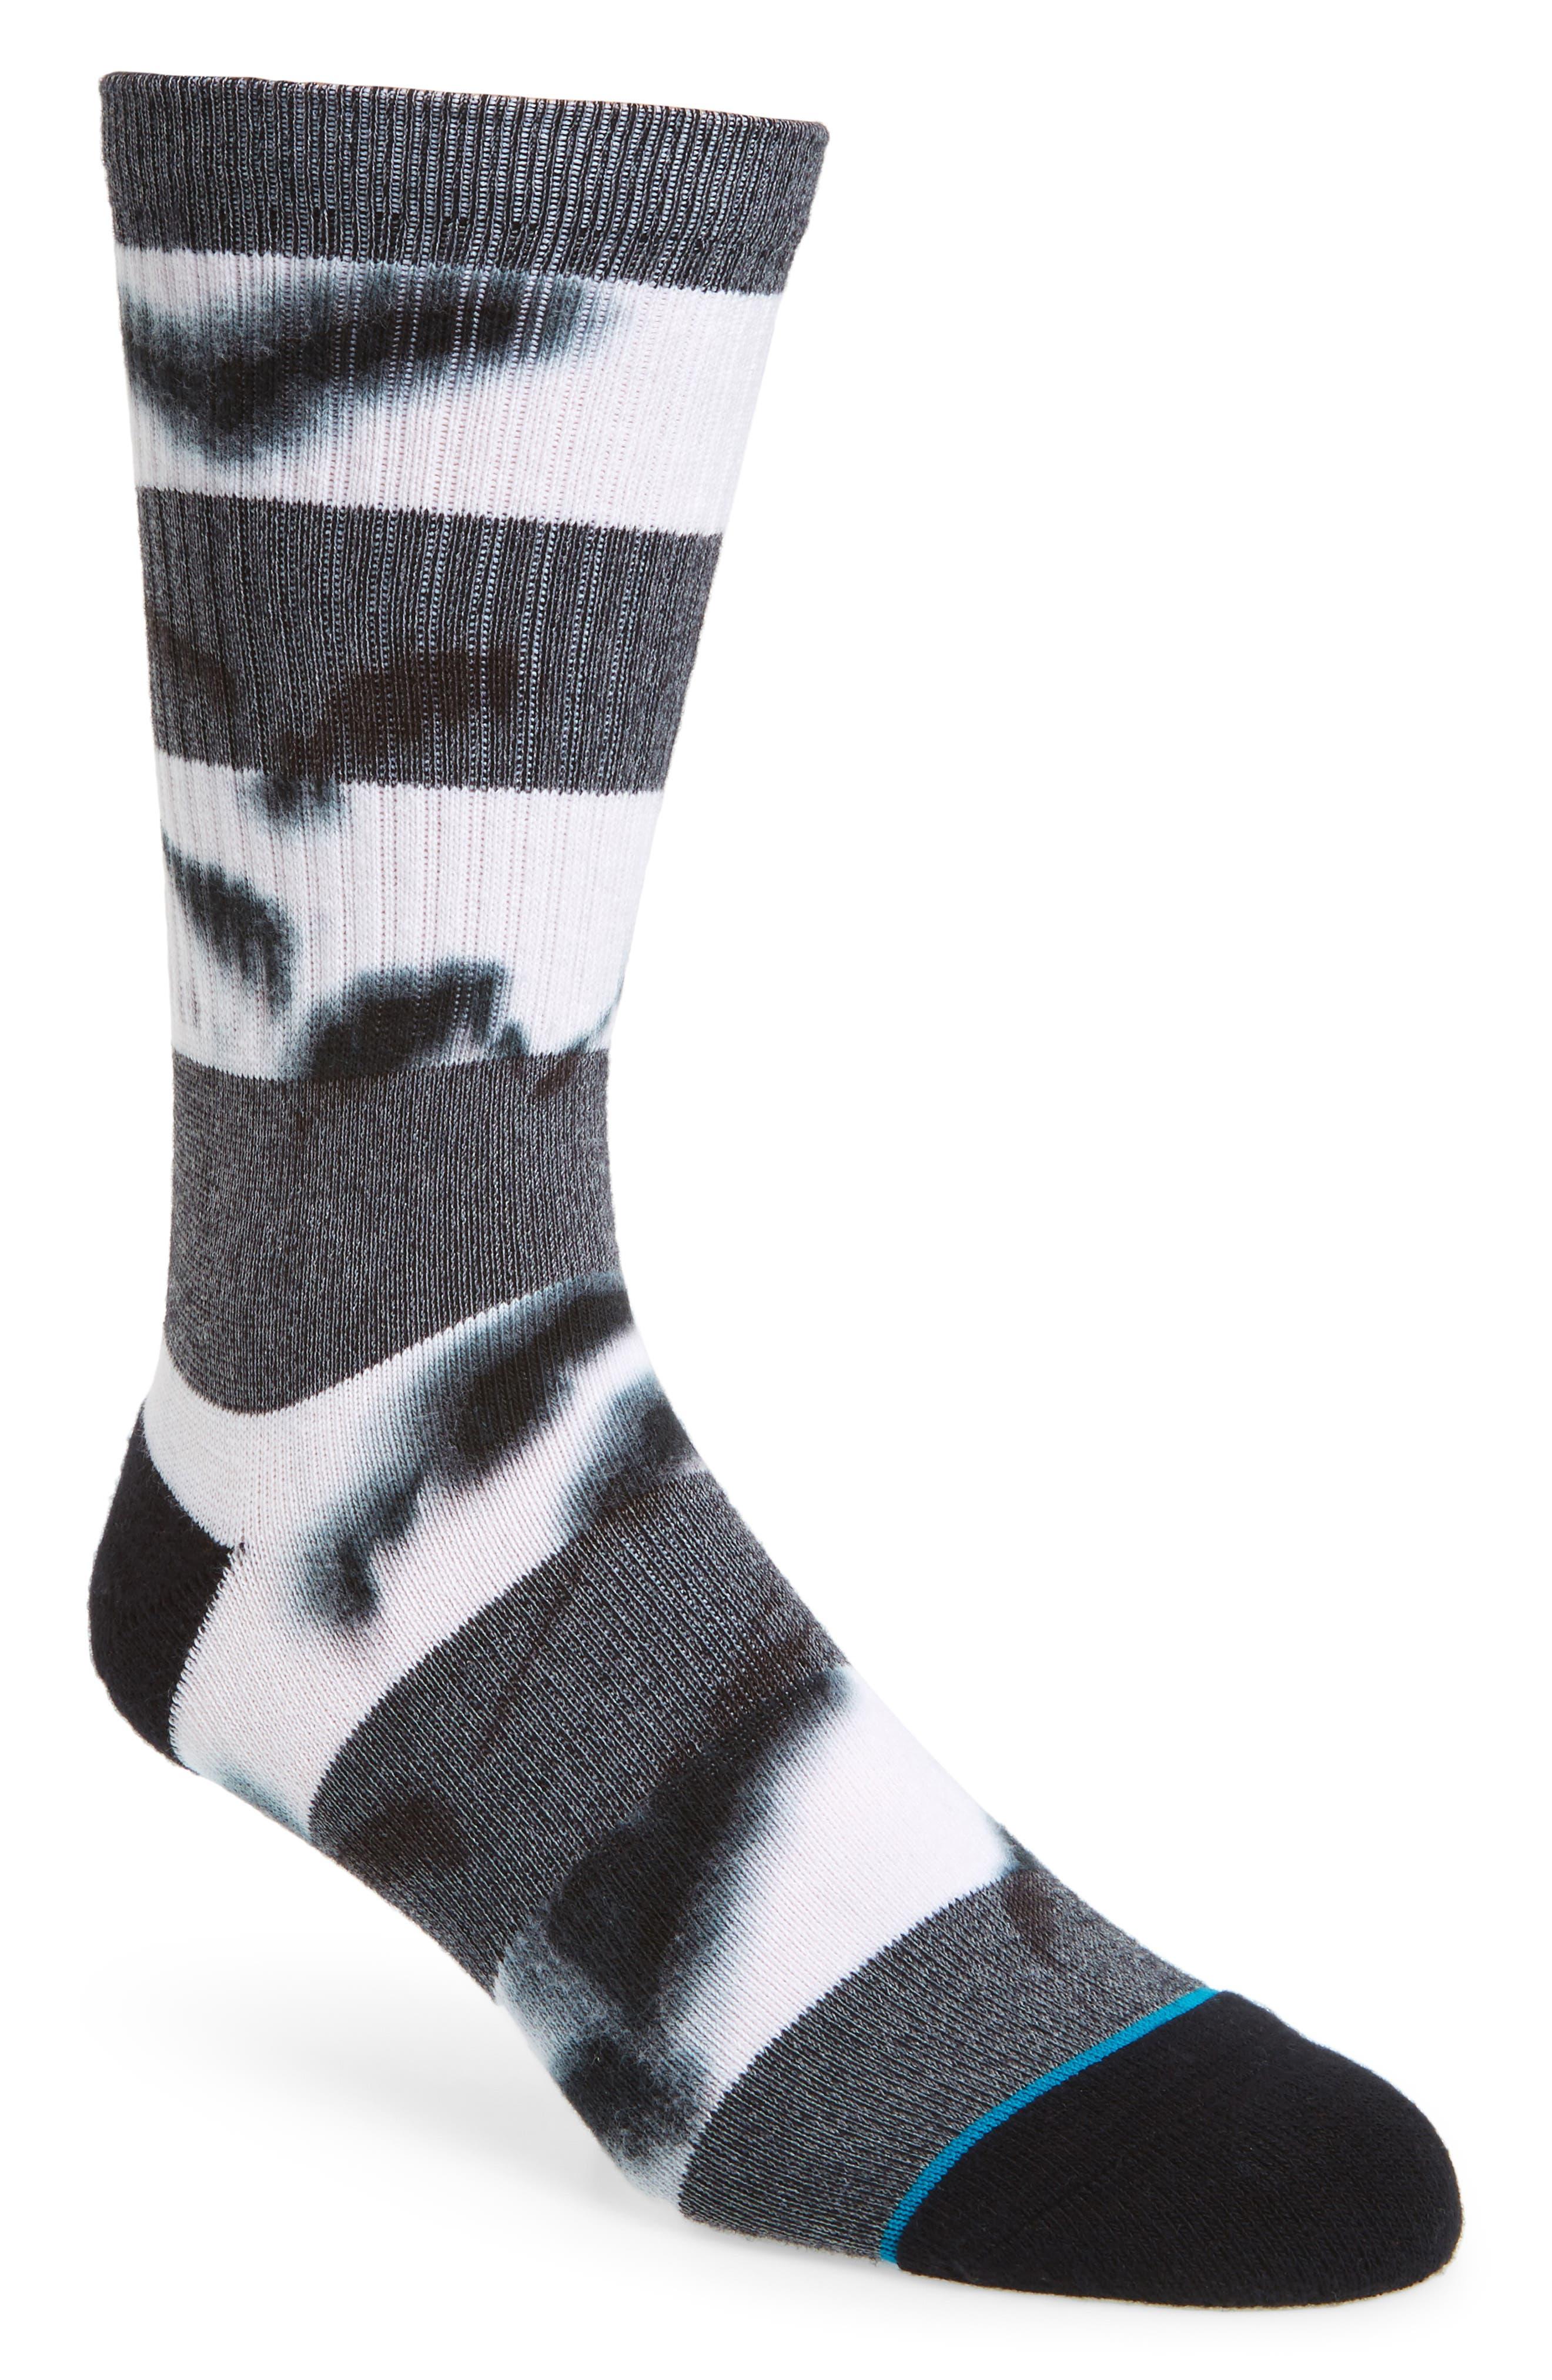 Emmer Socks,                         Main,                         color, Black